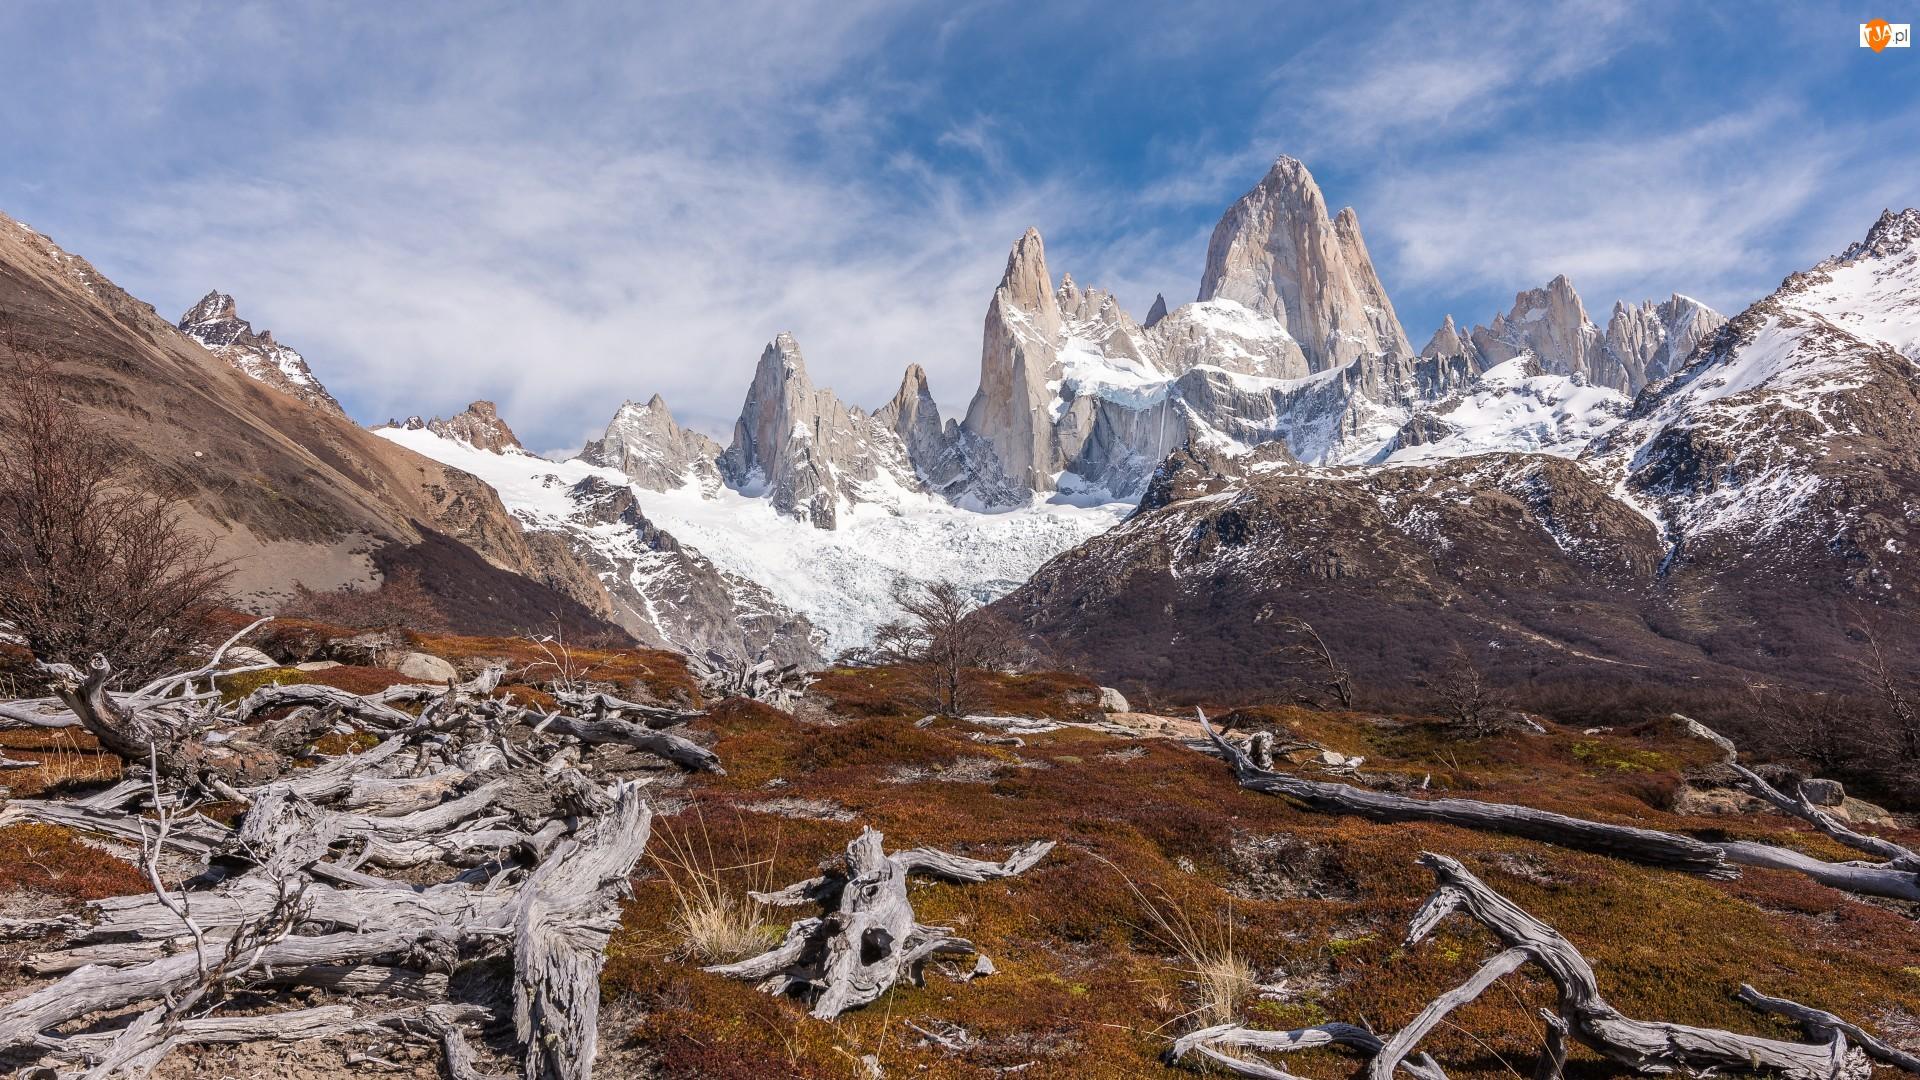 Jesień, Ameryka Południowa, Góry, Patagonia, Szczyt Fitz Roy